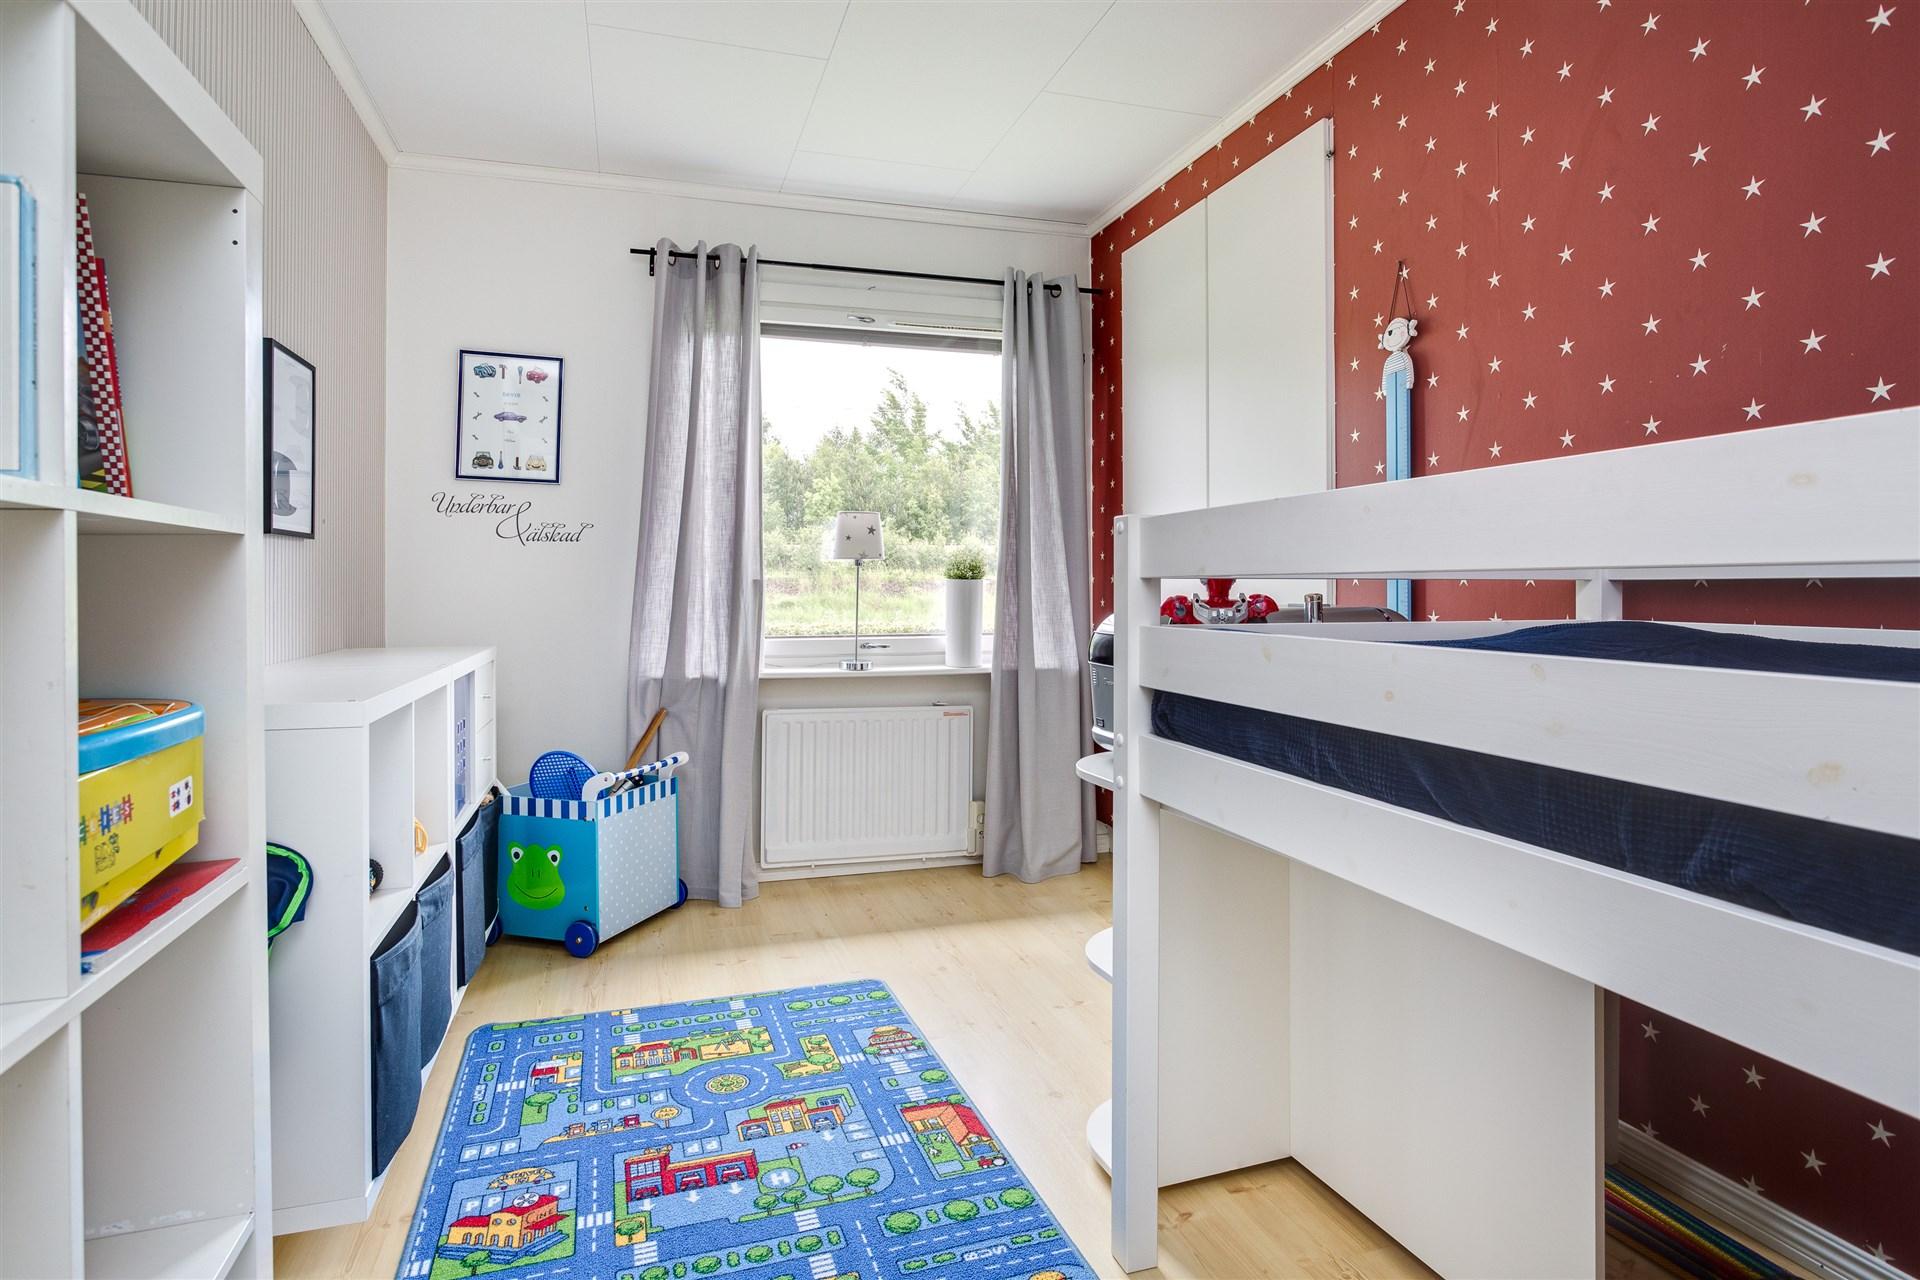 Sovrum 2 med laminatgolv, 1 garderob och 1 linneskåp.